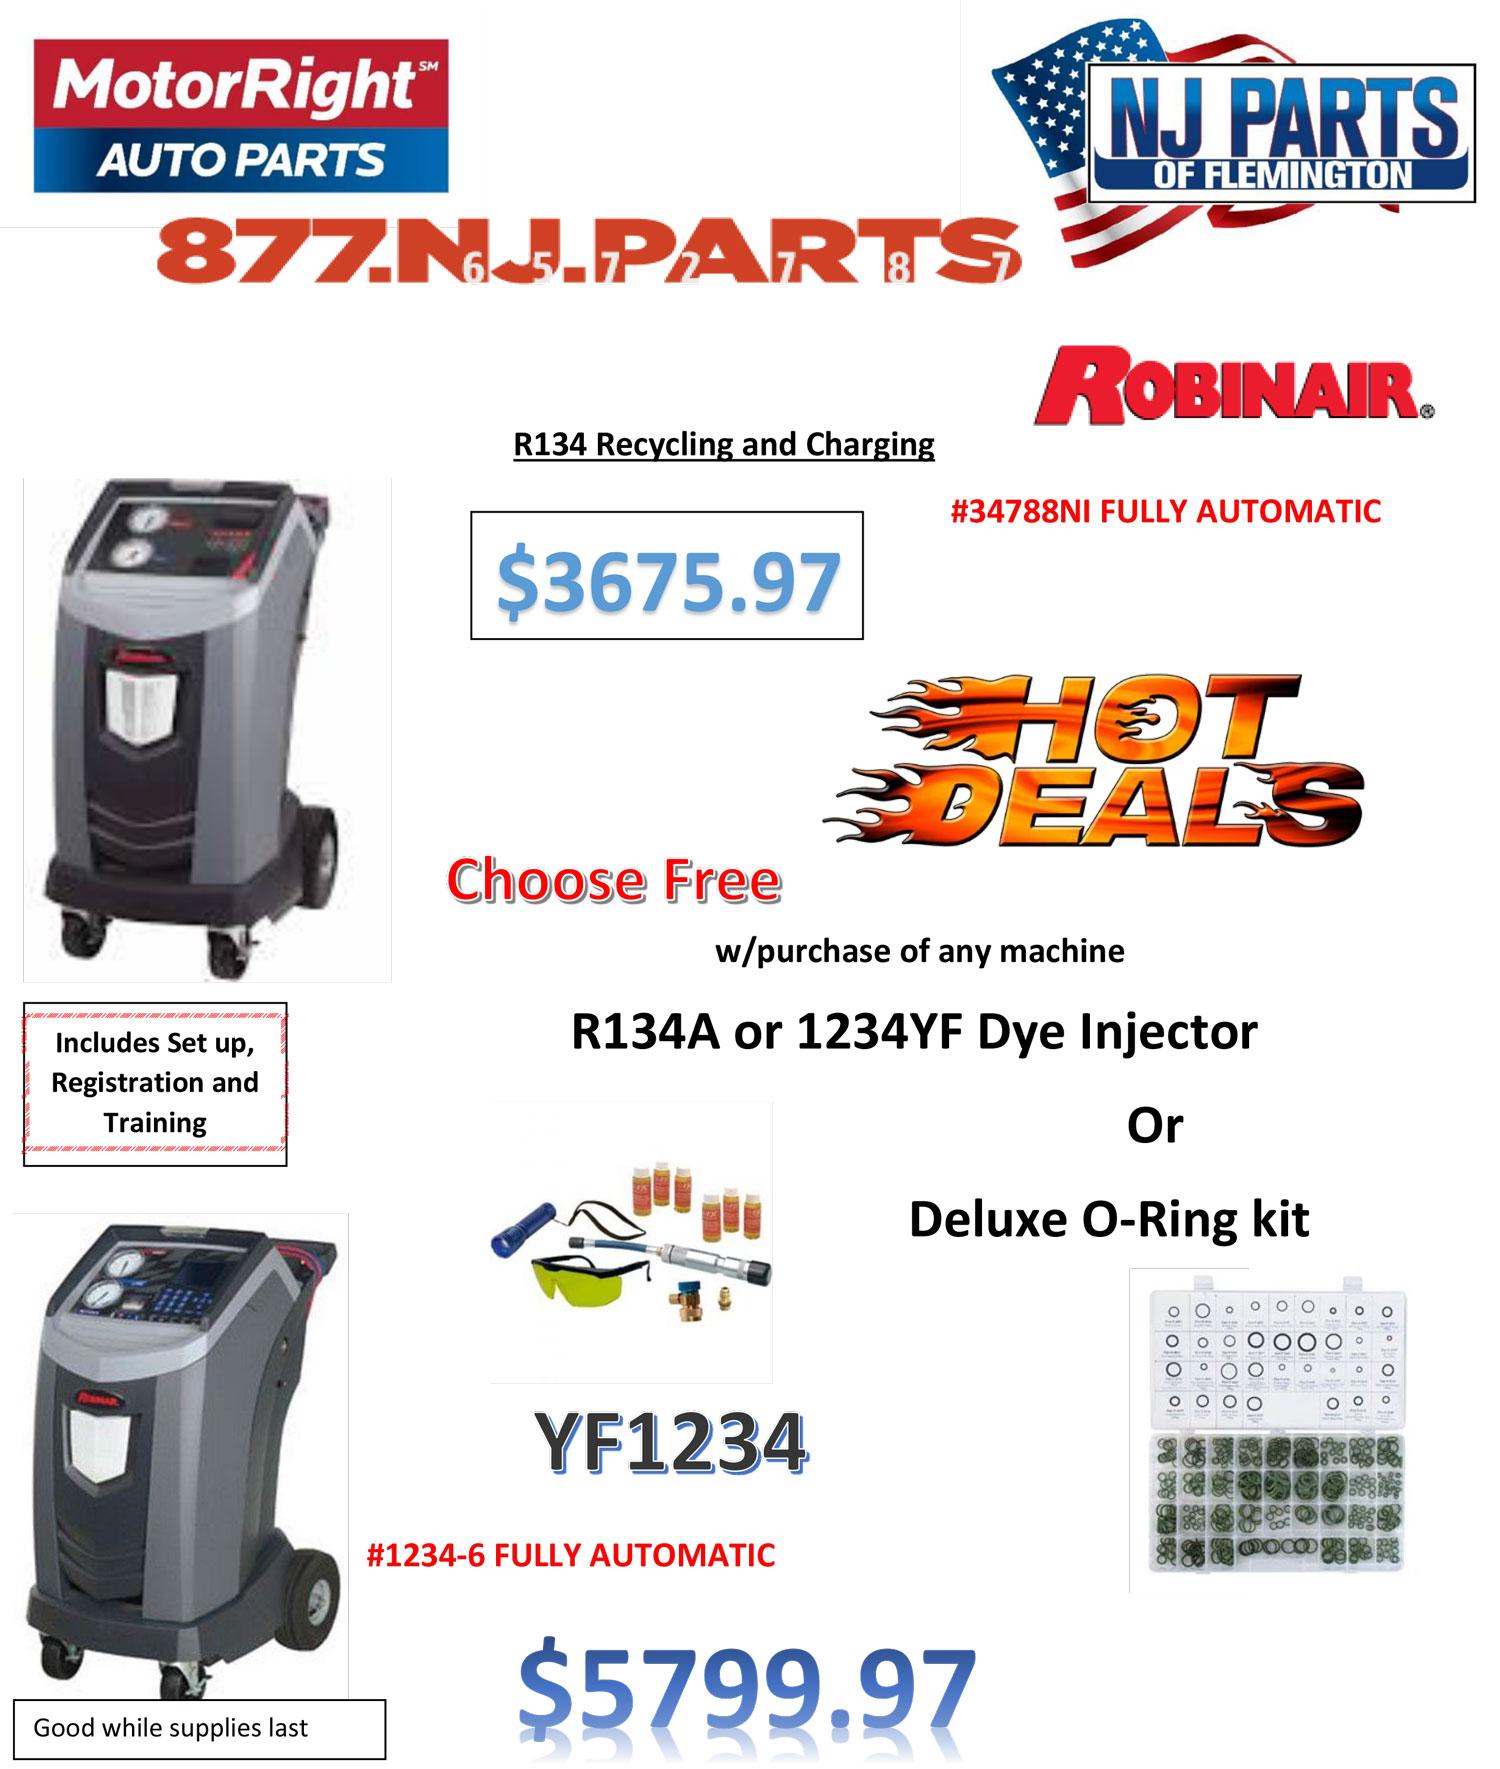 Robinair-Hot-Deals-2019-(1).jpg